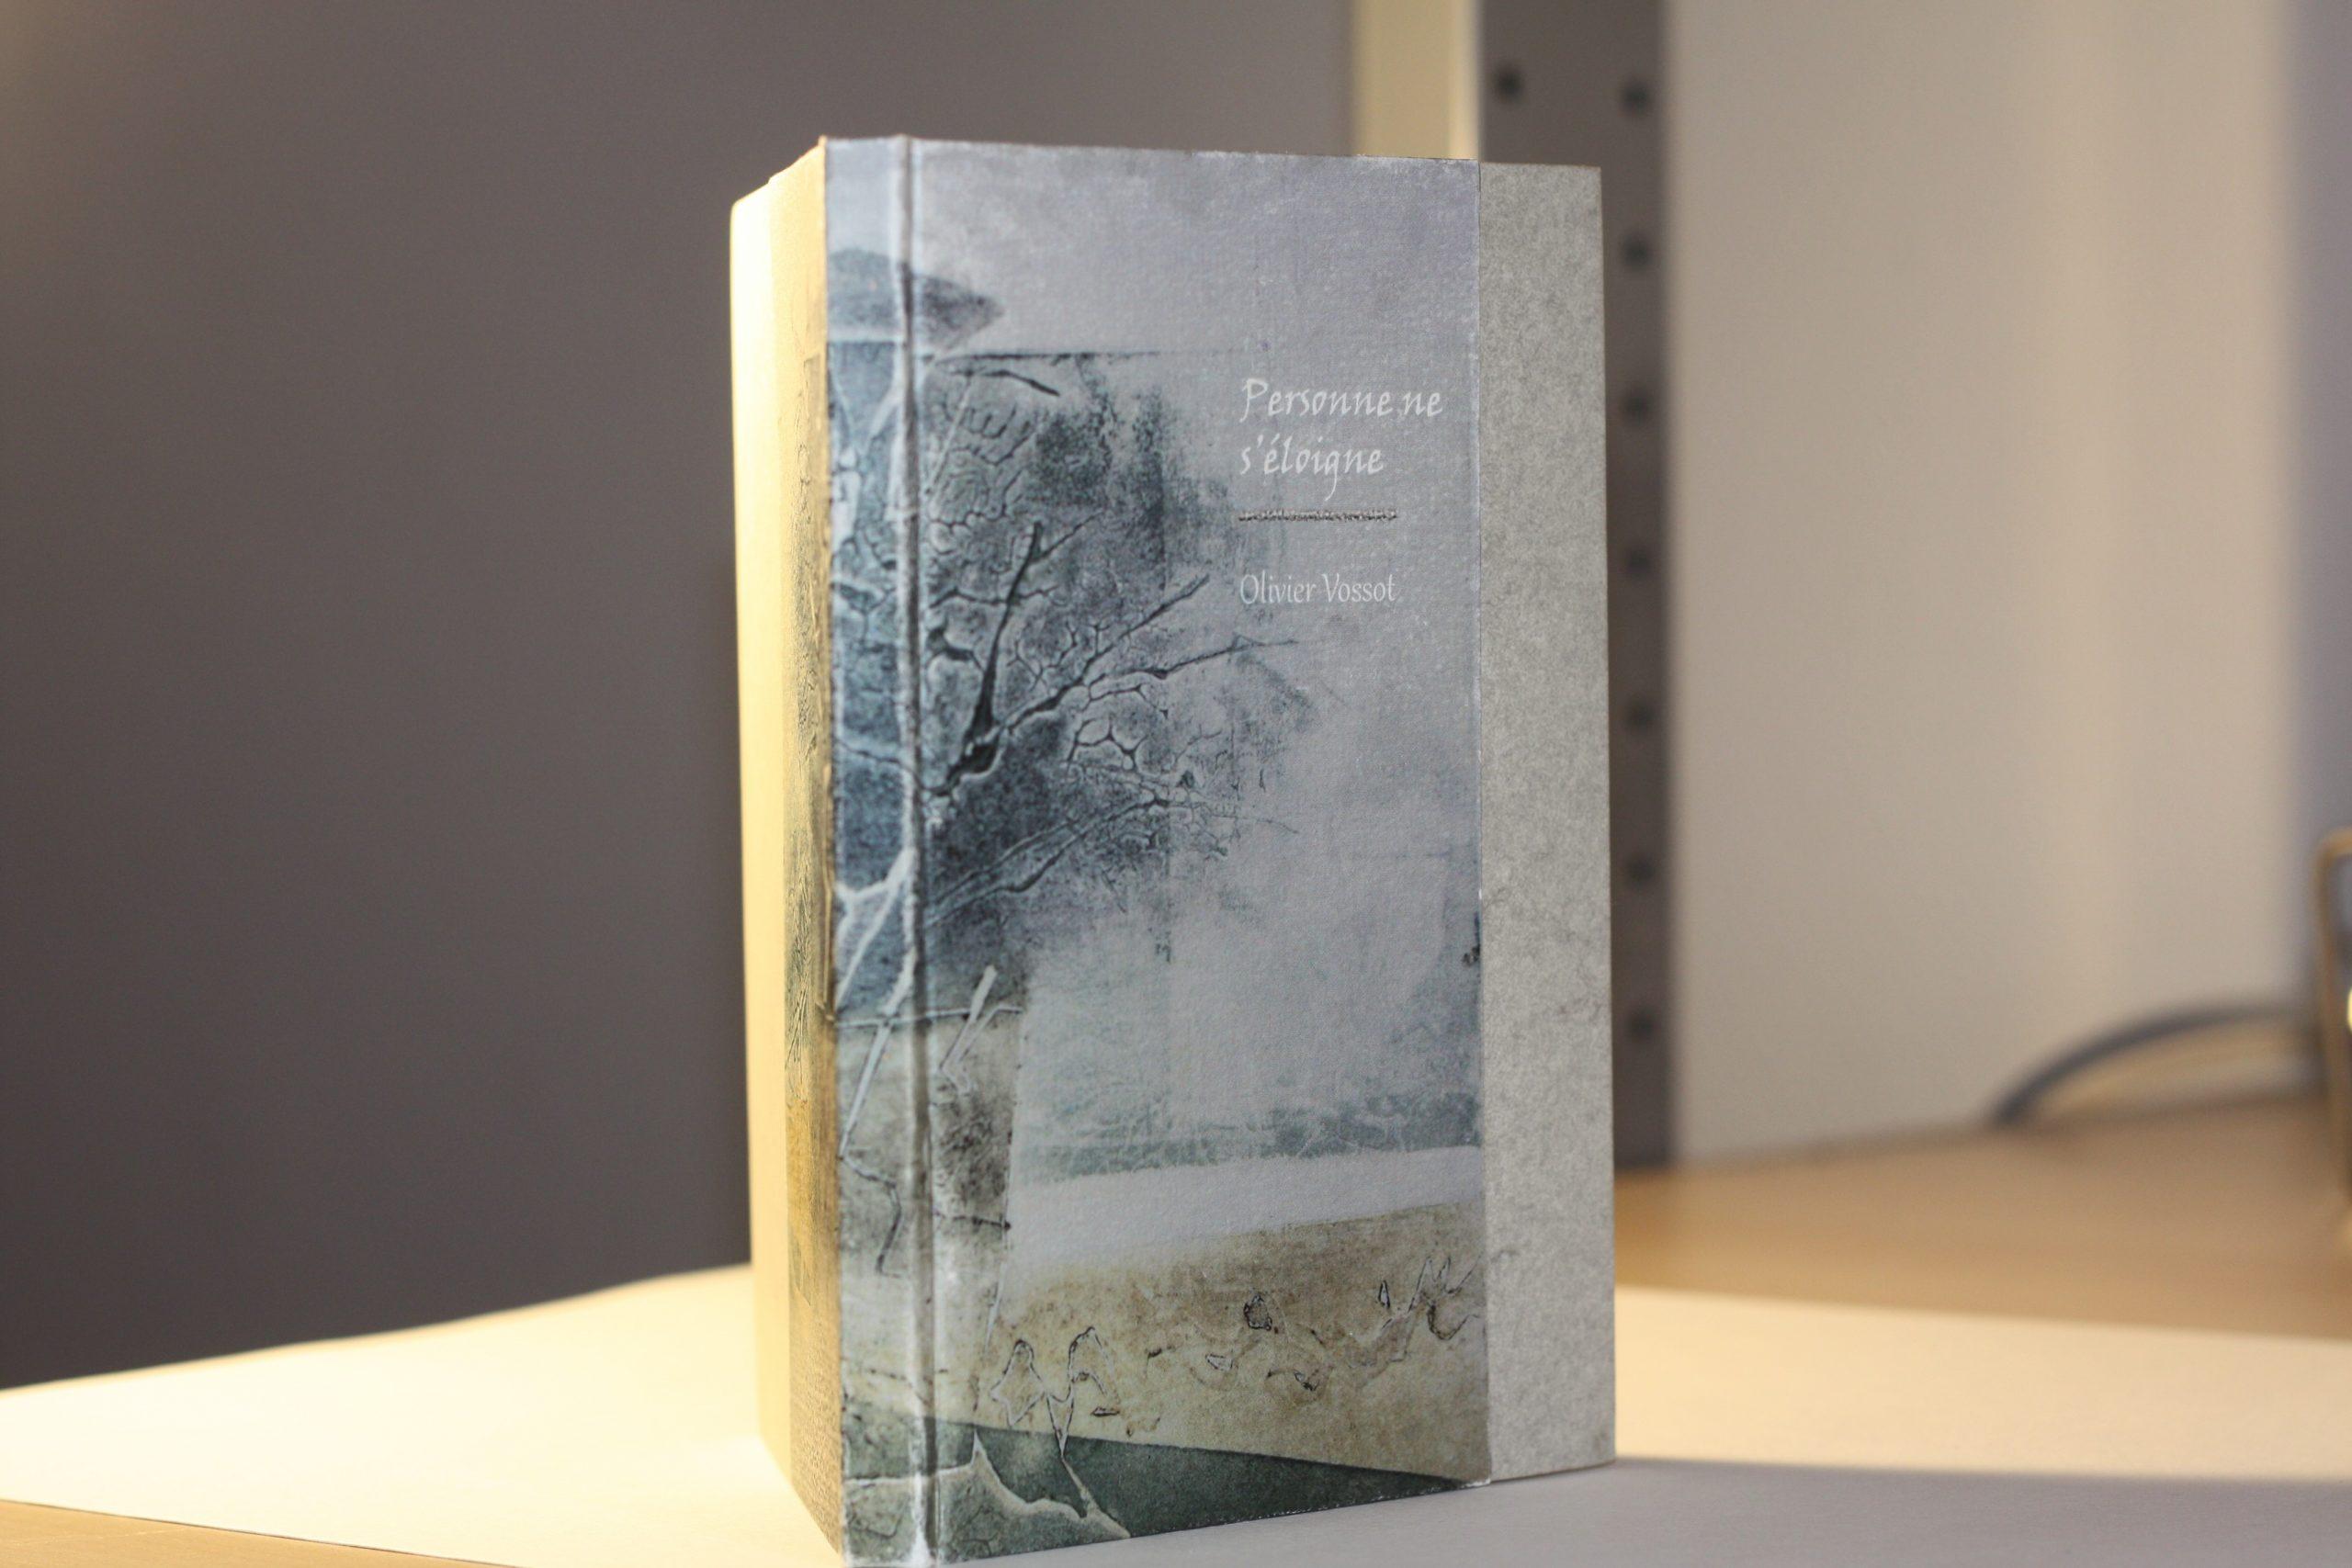 Personne ne s'éloigne – Prix du Premier recueil 2018 !